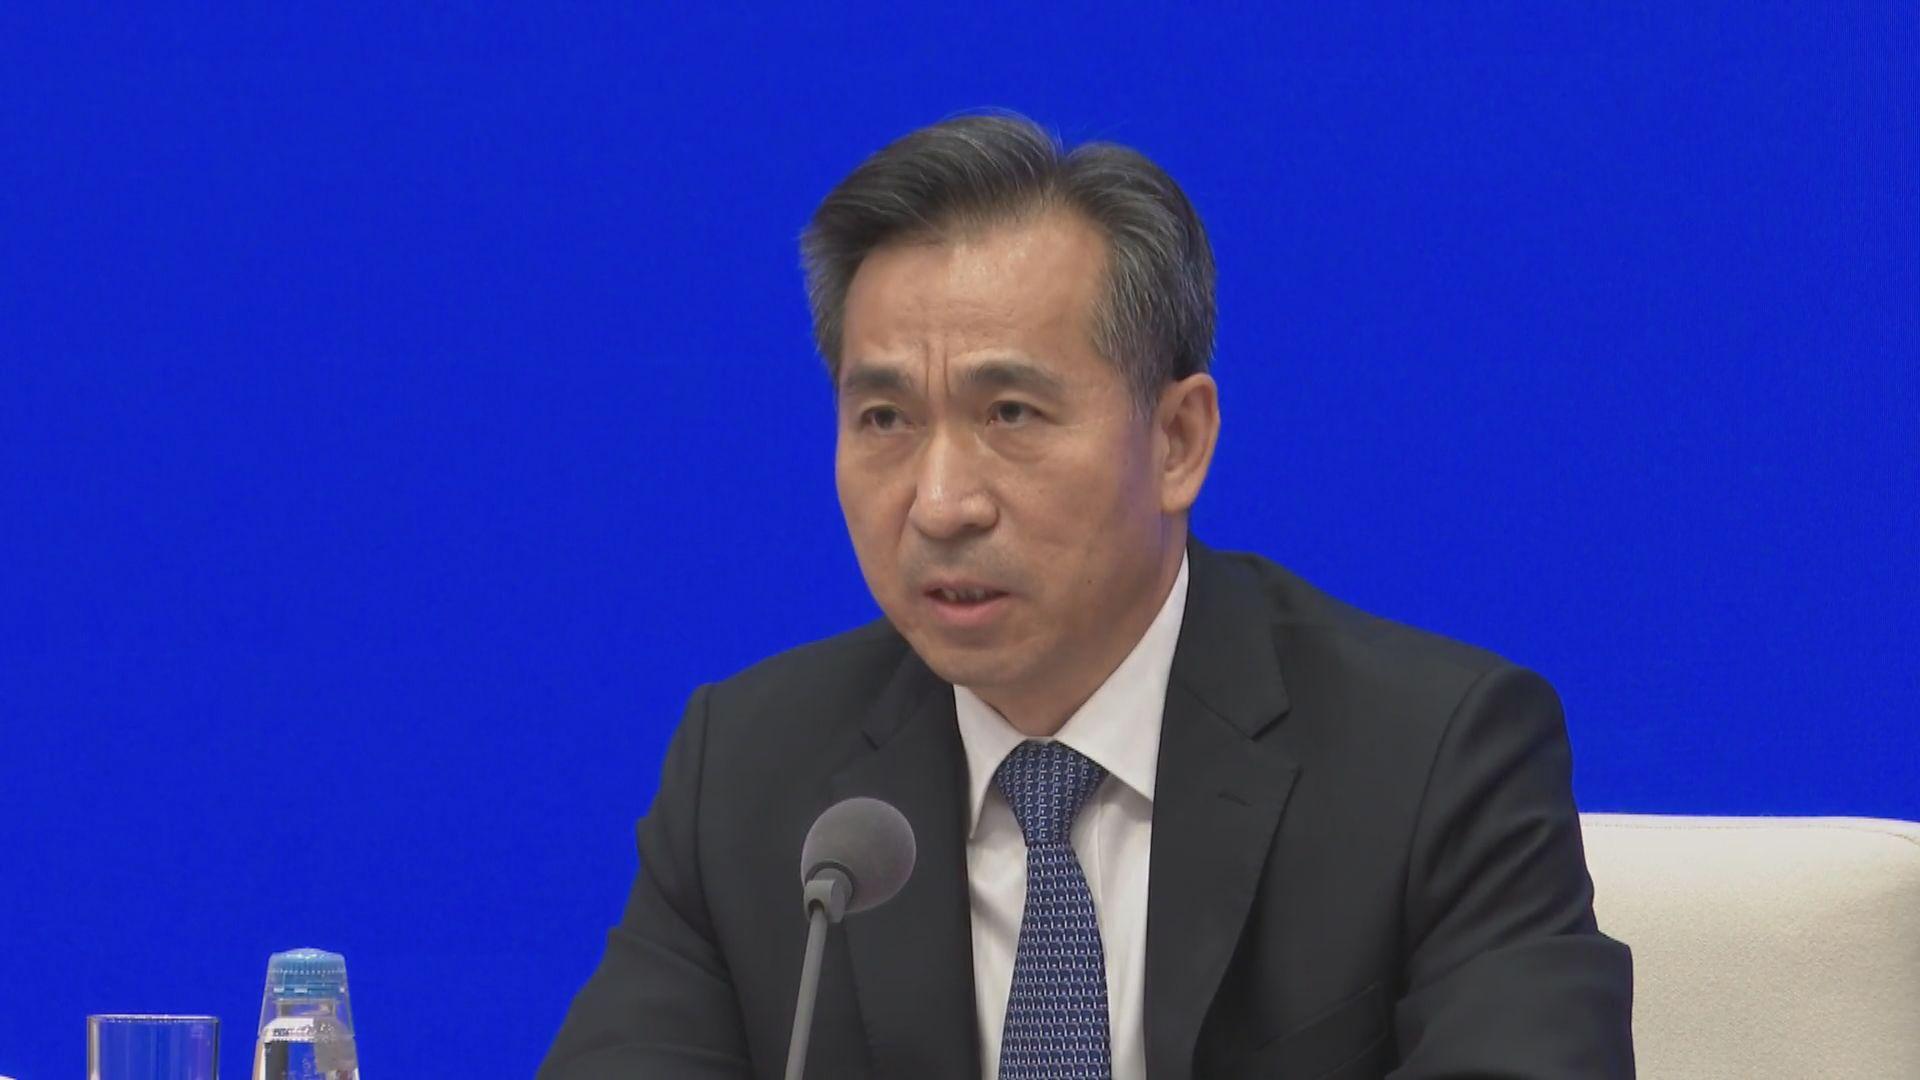 商務部批美取消香港特殊待遇等制裁措施干涉內政